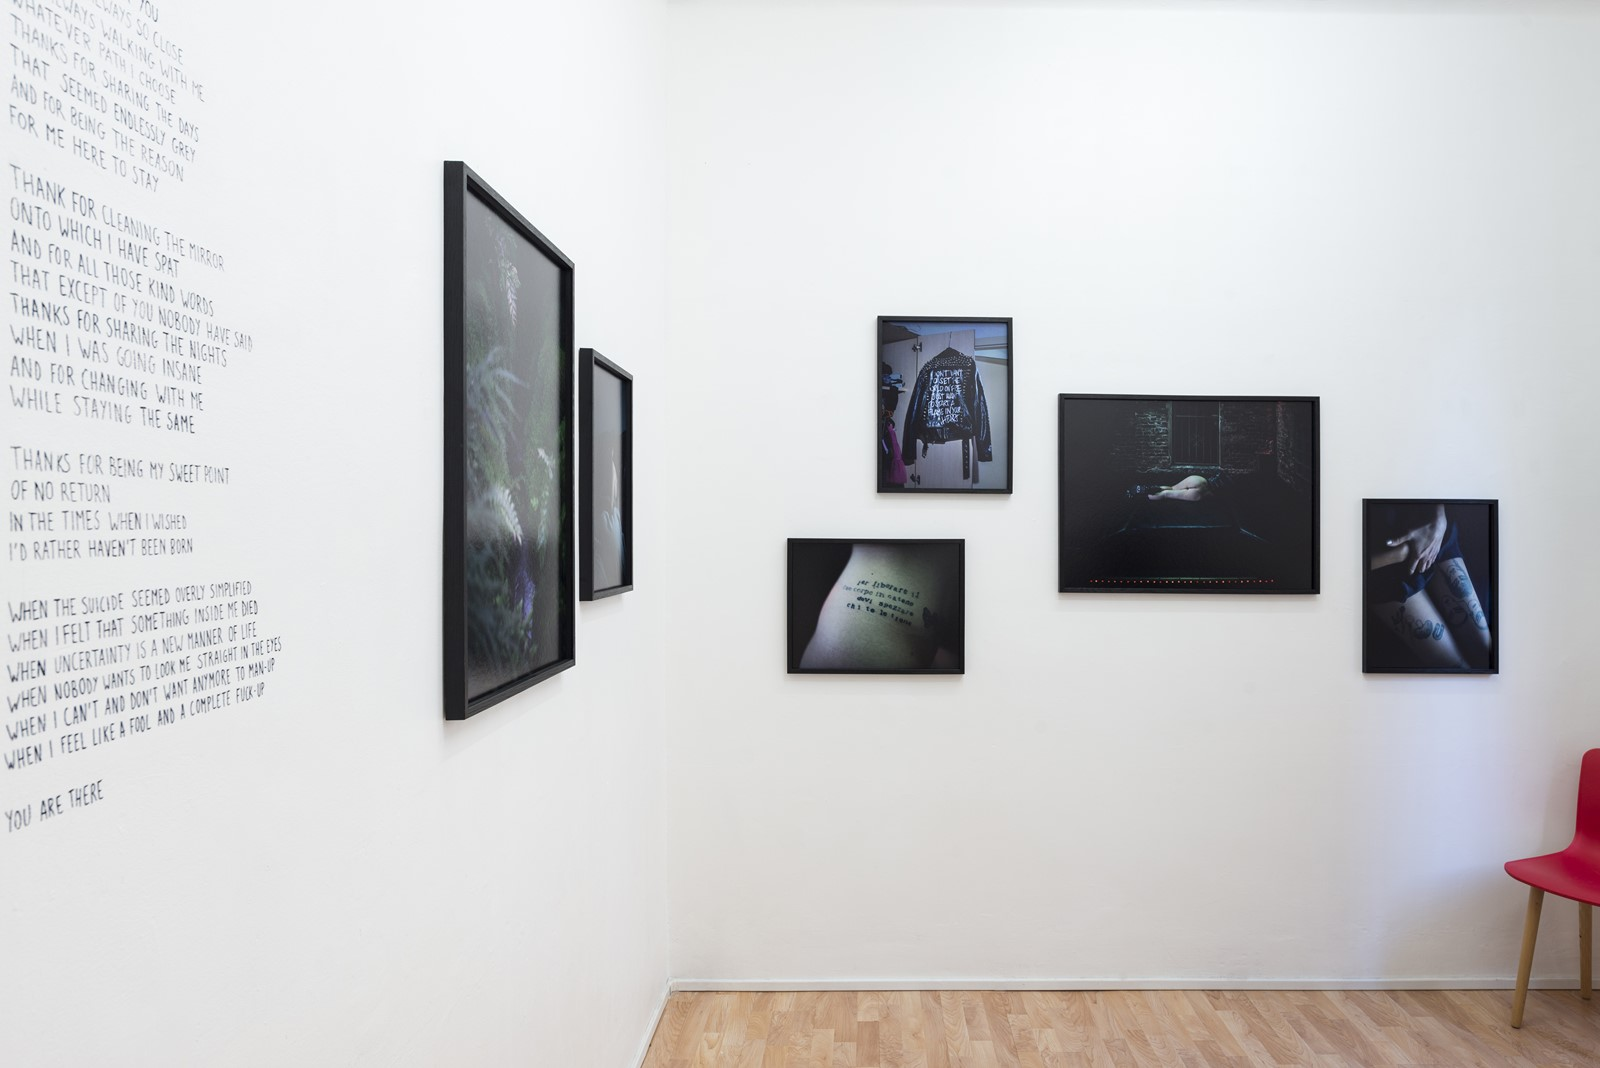 Galerie 247, Paris. 2018